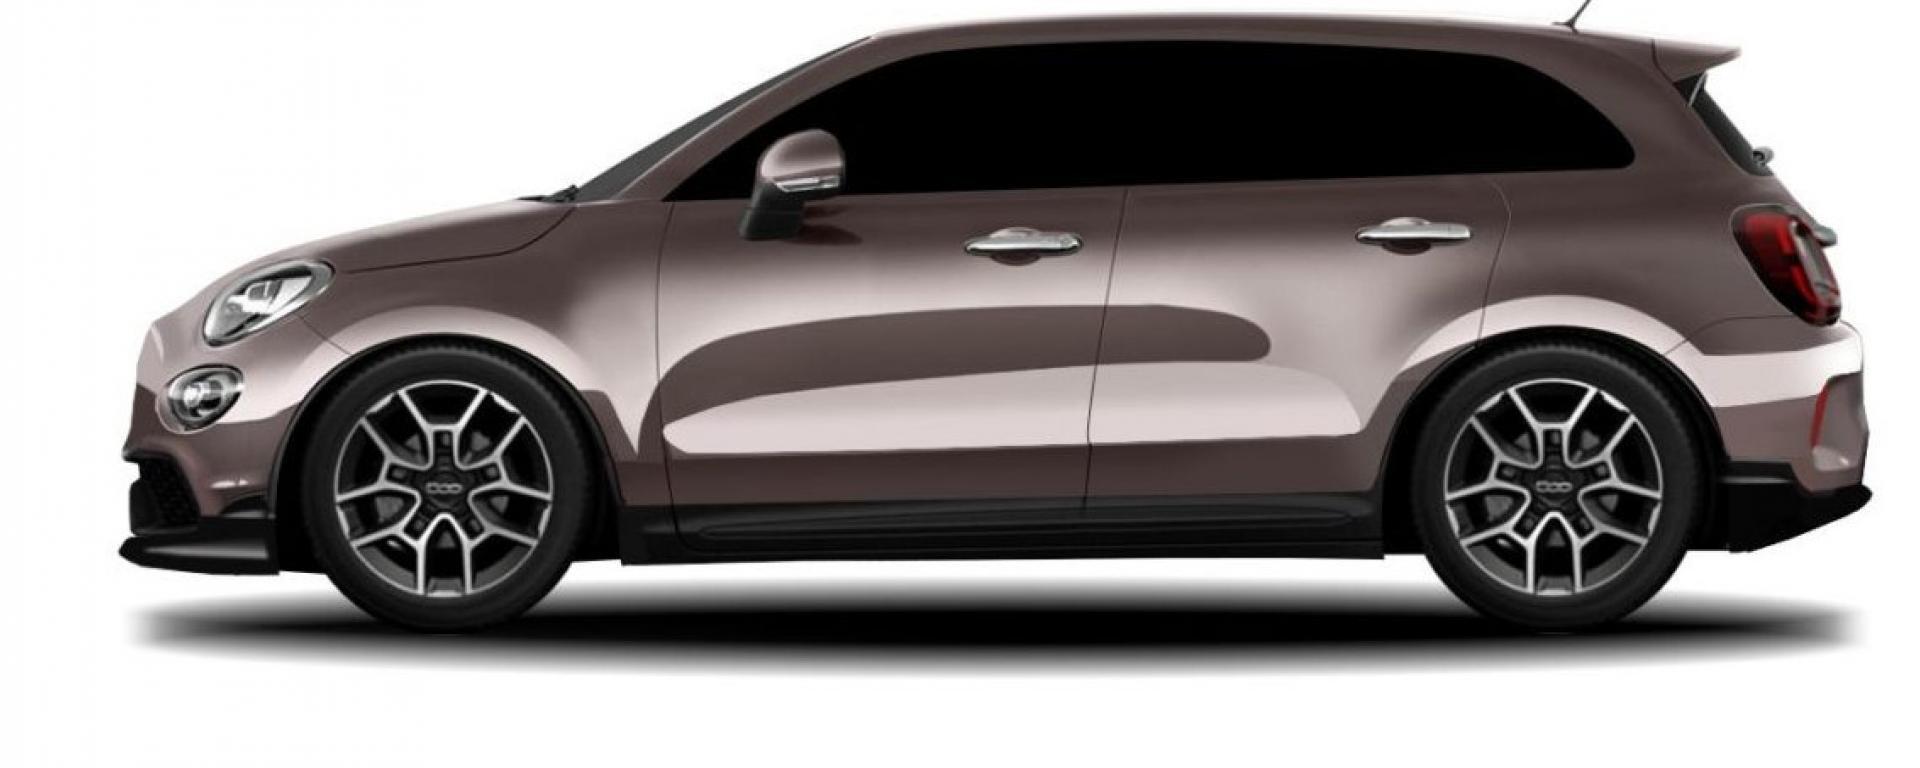 Fiat: in arrivo una berlina da 4,2 metri?